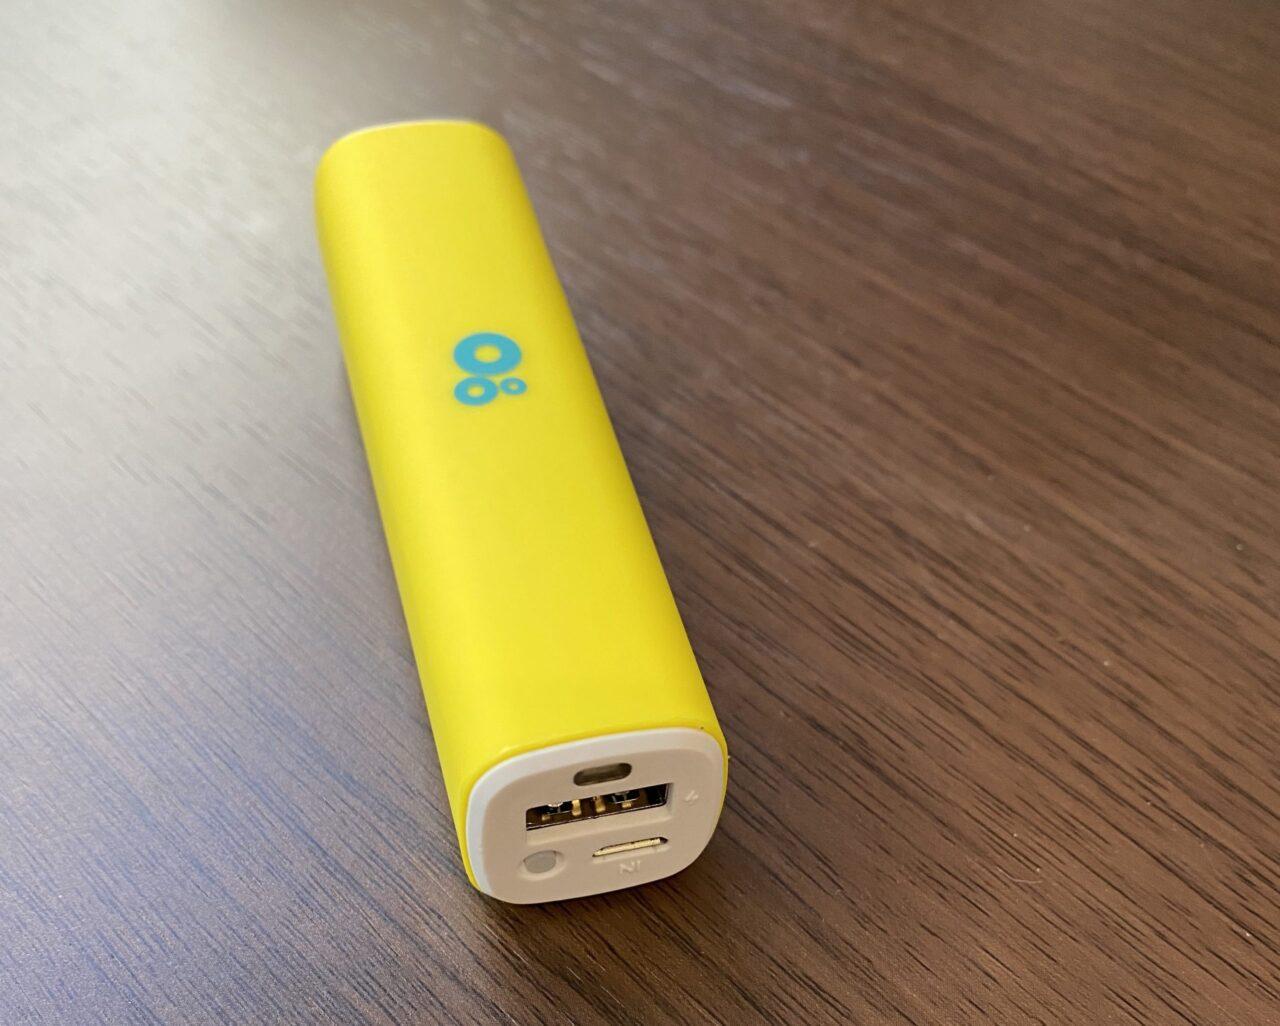 サイボウズオリジナルモバイルバッテリー